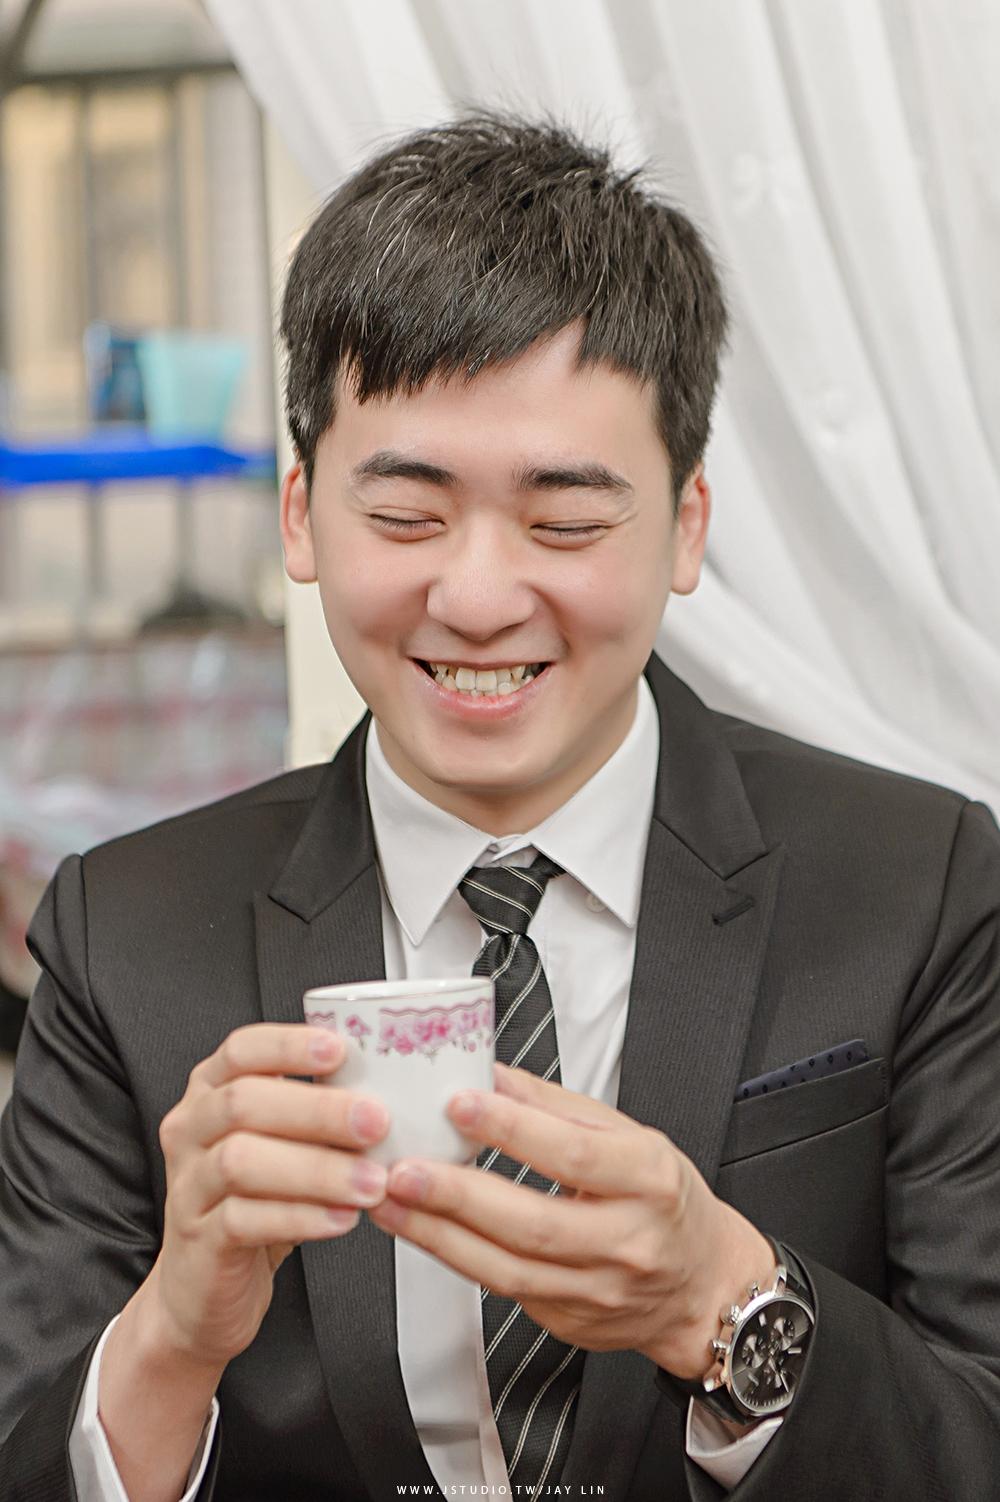 婚攝 台北婚攝 婚禮紀錄 婚攝 推薦婚攝 格萊天漾 JSTUDIO_0025